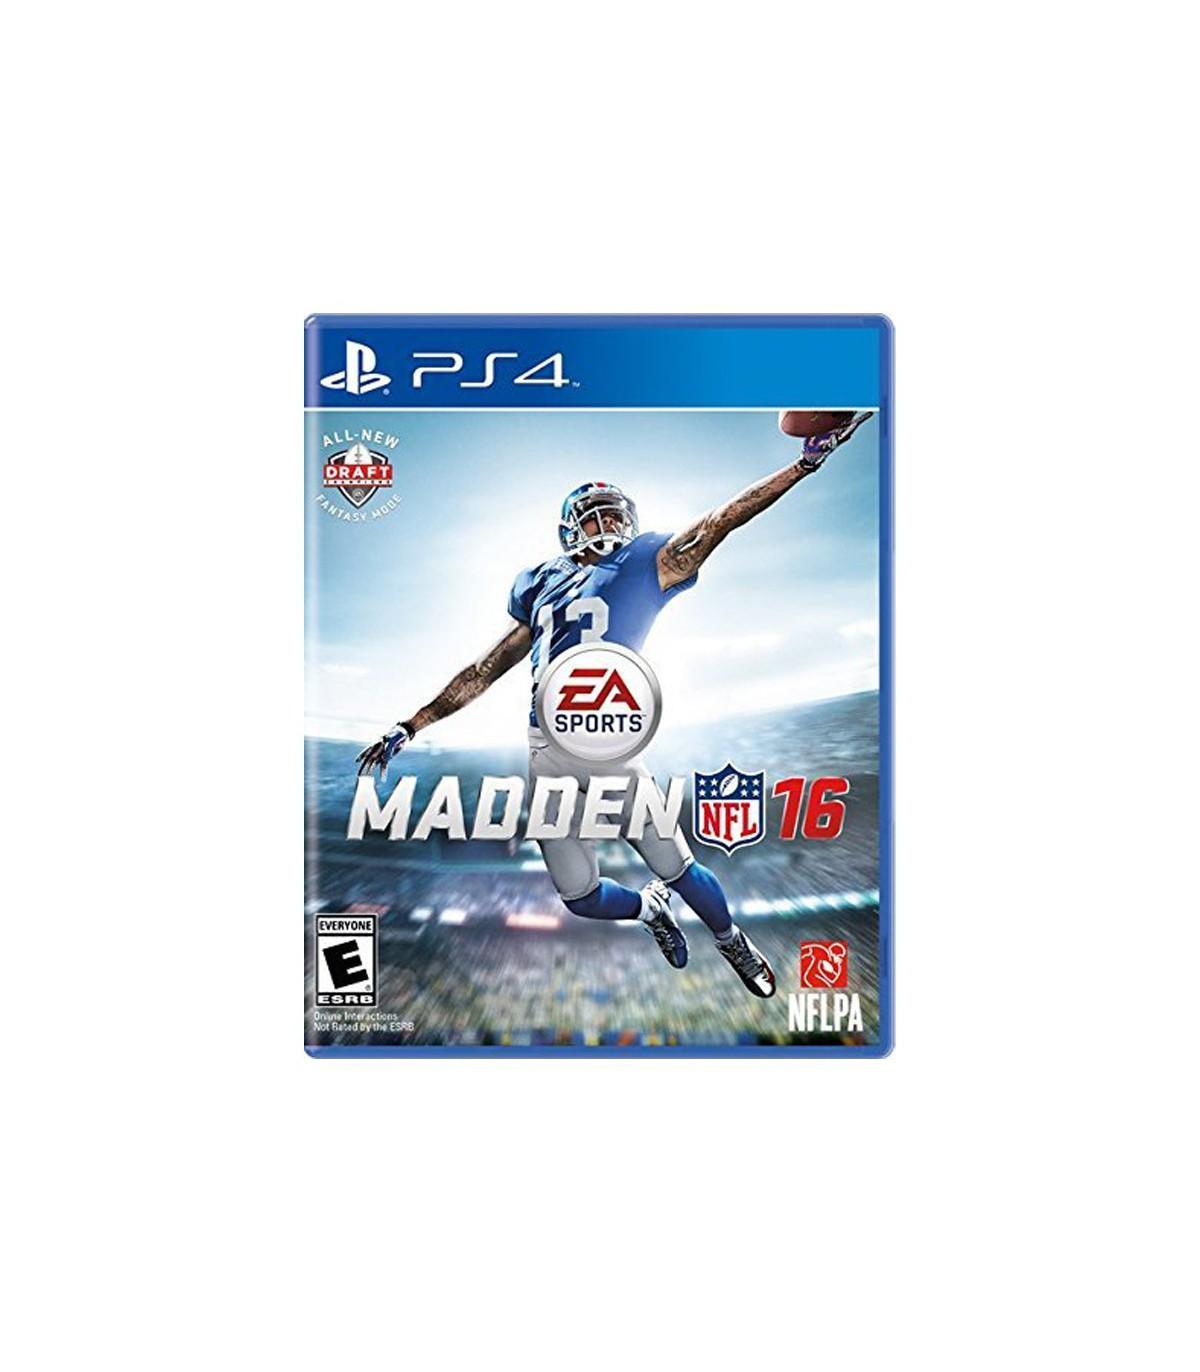 بازی Madden NFL 16 کارکرده - پلی استیشن 4